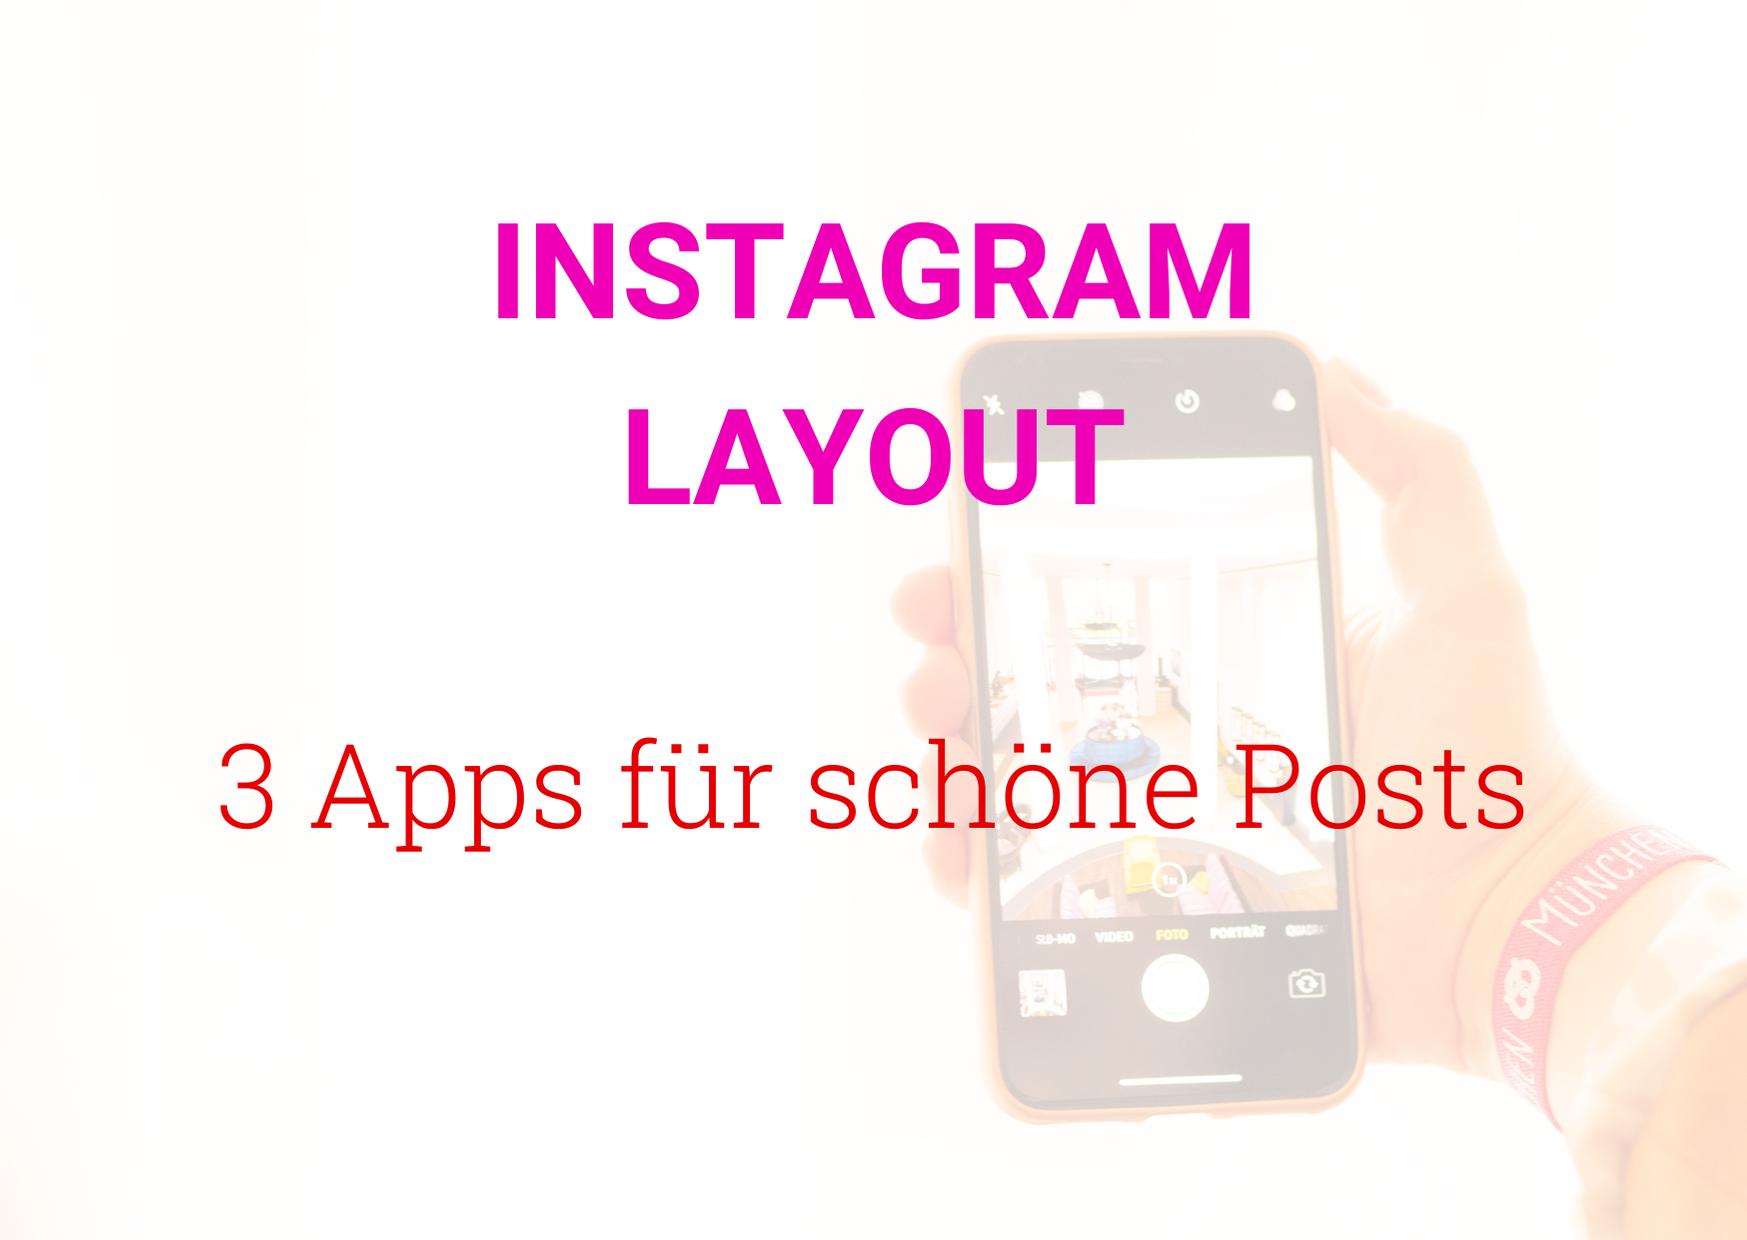 Instagram Layout 3 Apps für schöne Posts